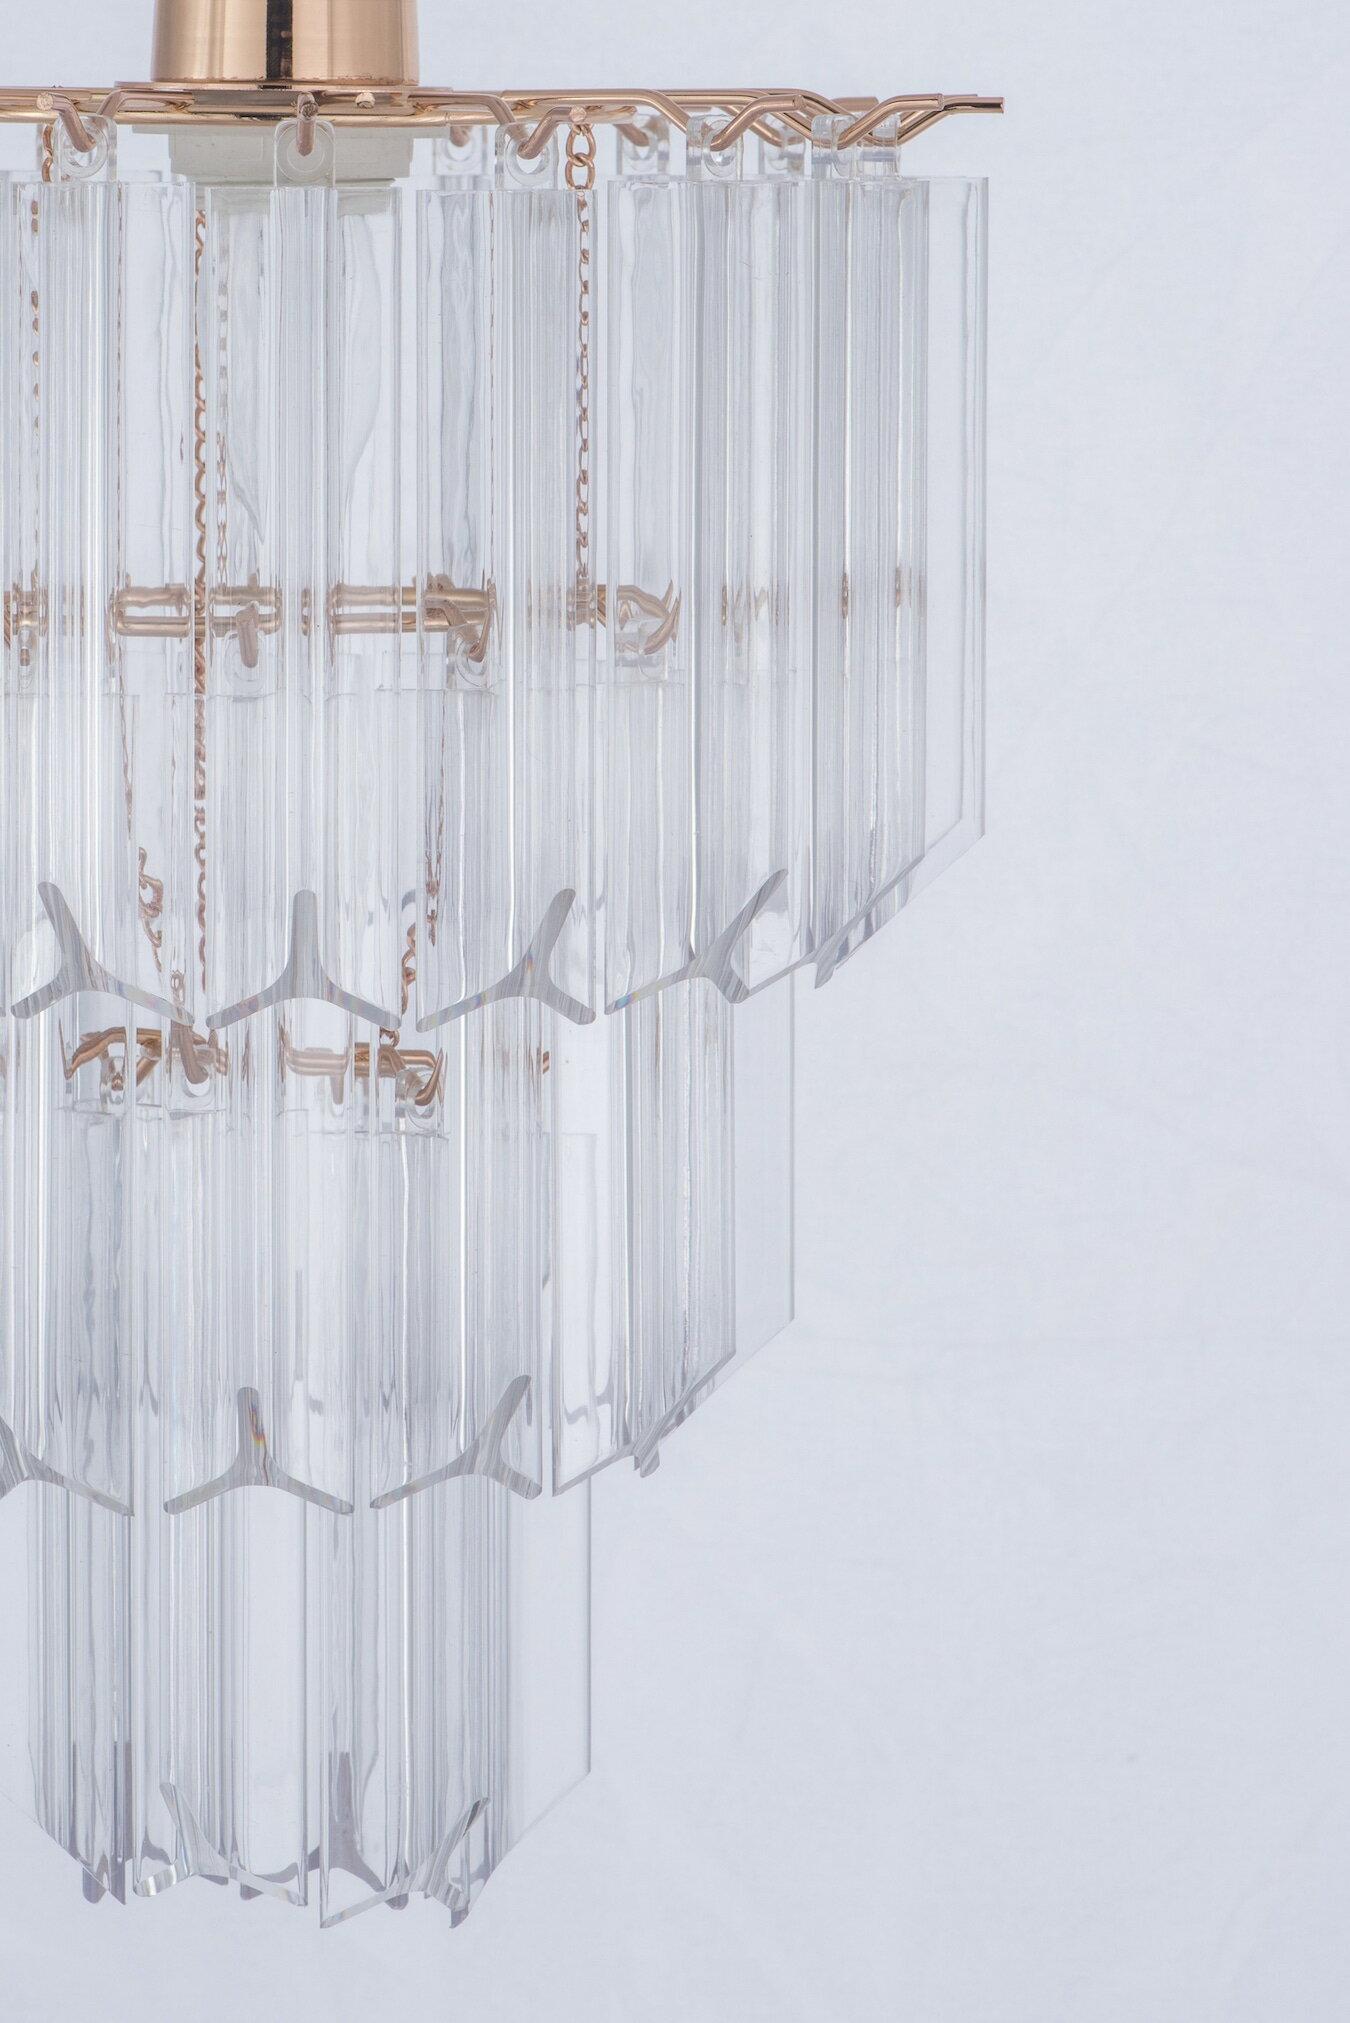 法國金透明壓克立吊燈-BNL00067 5